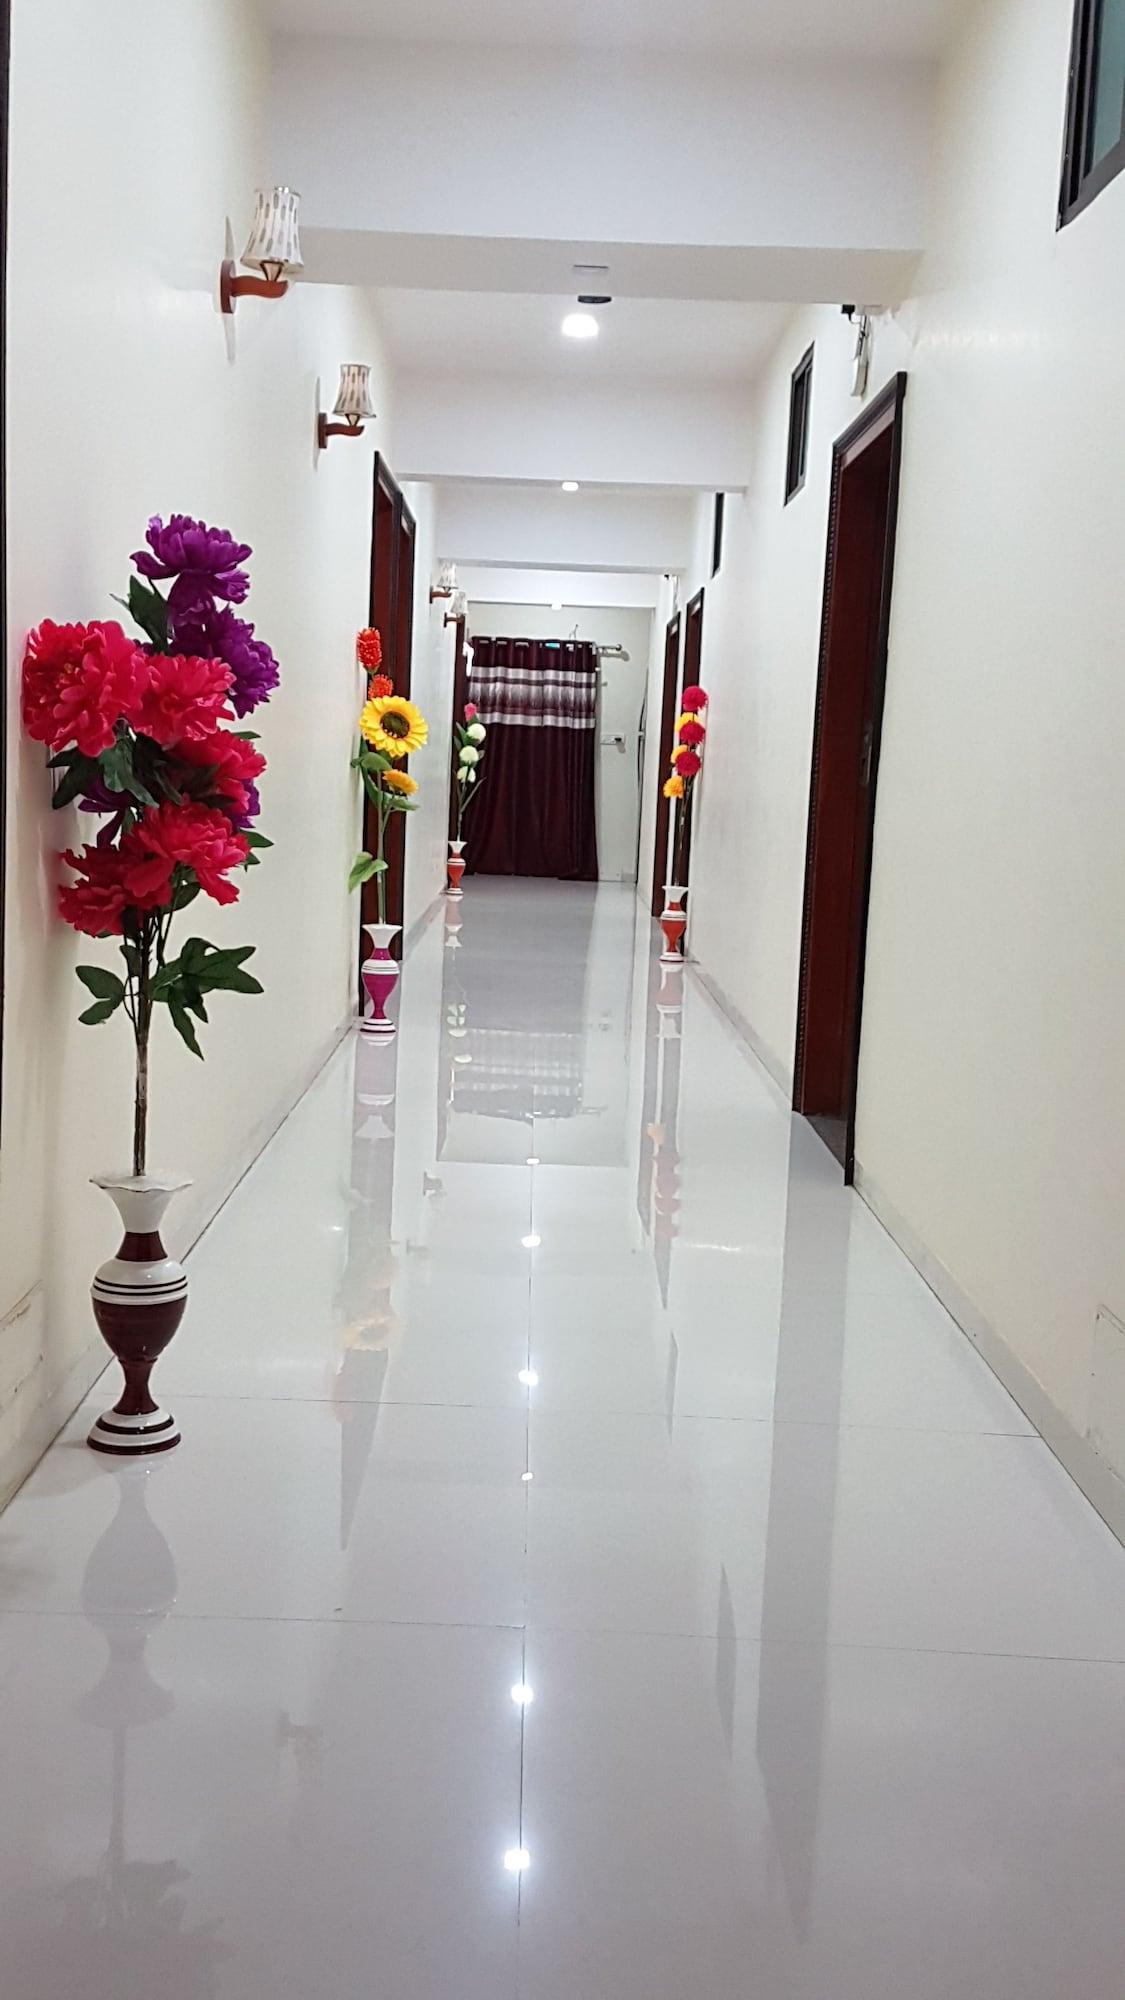 Hotel Vishwa, Gandhinagar